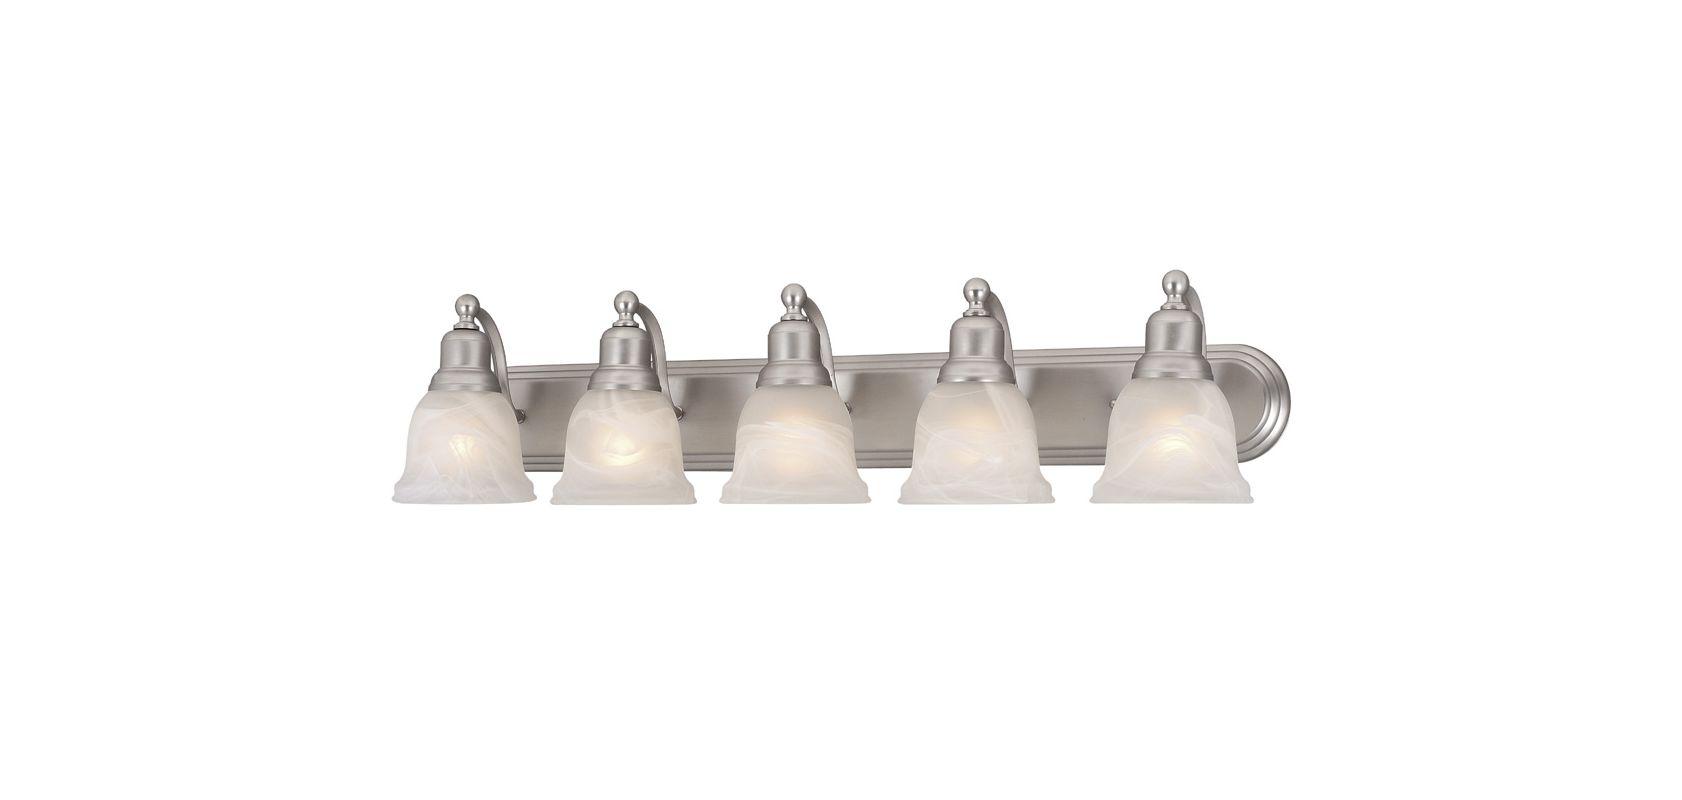 Vaxcel Lighting LS-VLD105 Lasalle 5 Light Bathroom Vanity Light - 36